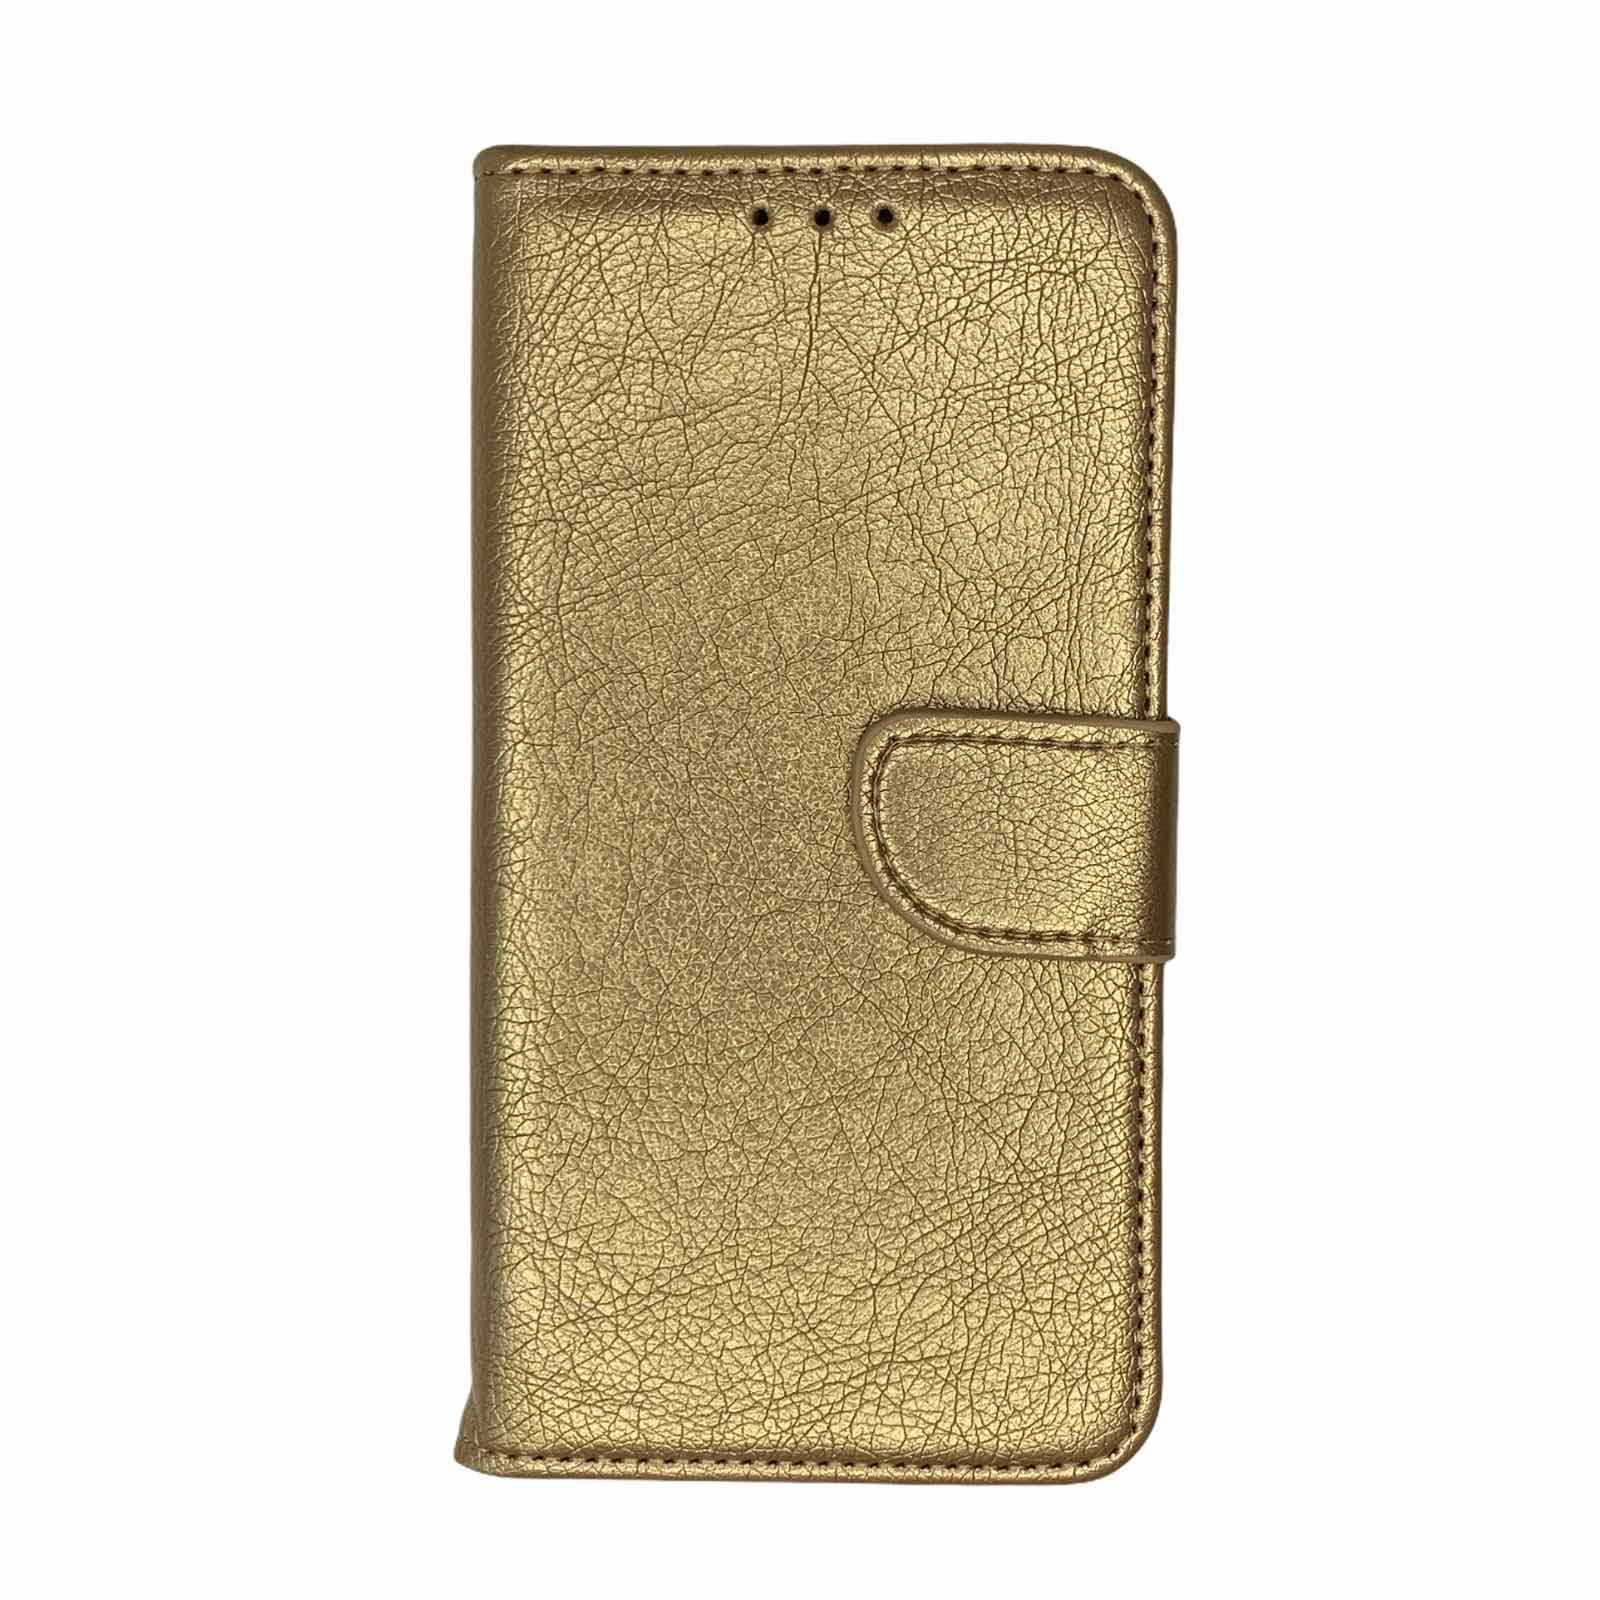 Boek hoes goud hoes kaarthouder